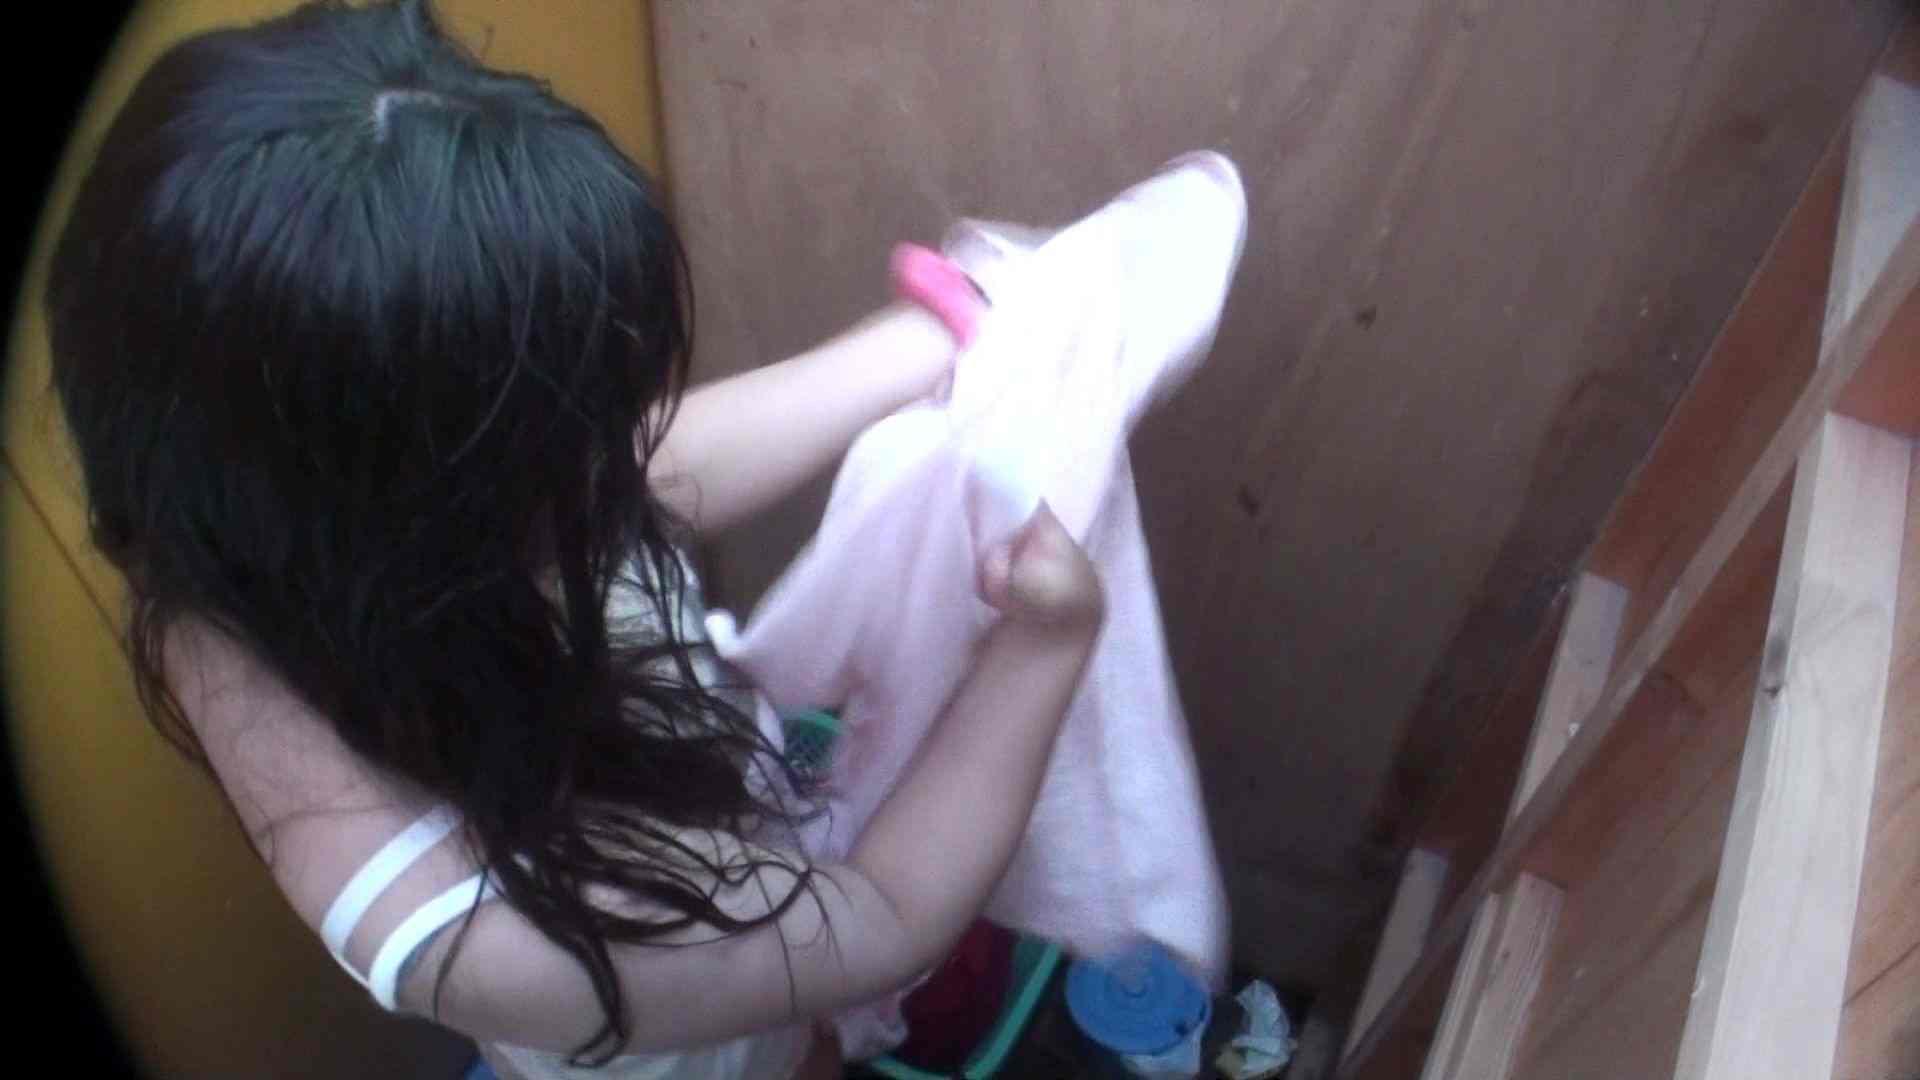 シャワールームは超!!危険な香りVol.13 ムッチムチのいやらしい身体つき シャワー  111pic 100